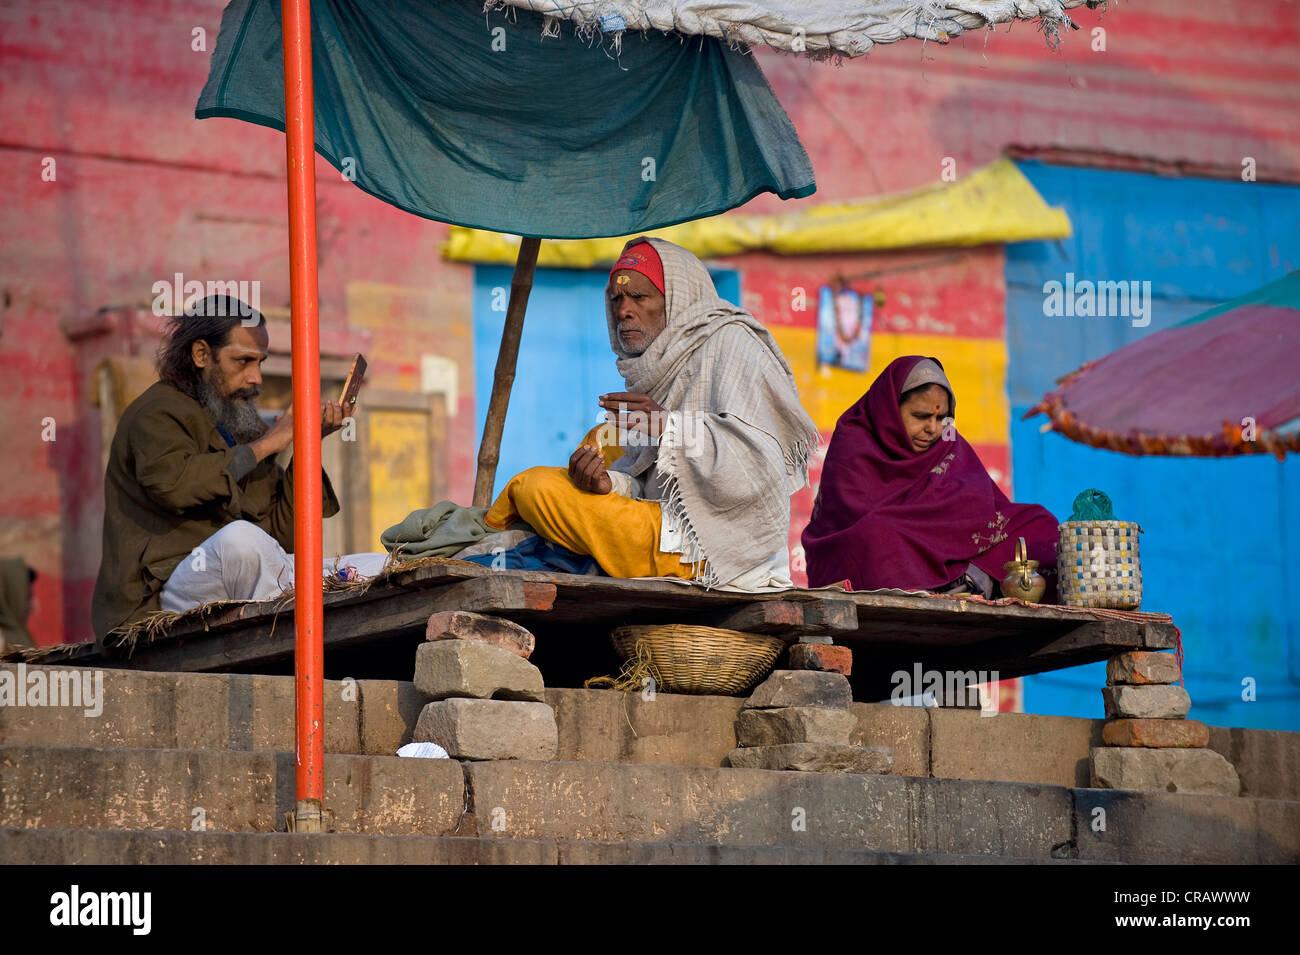 Los hombres en los Ghats o escaleras, santo Ganges, Varanasi, Uttar Pradesh, India, Asia Imagen De Stock